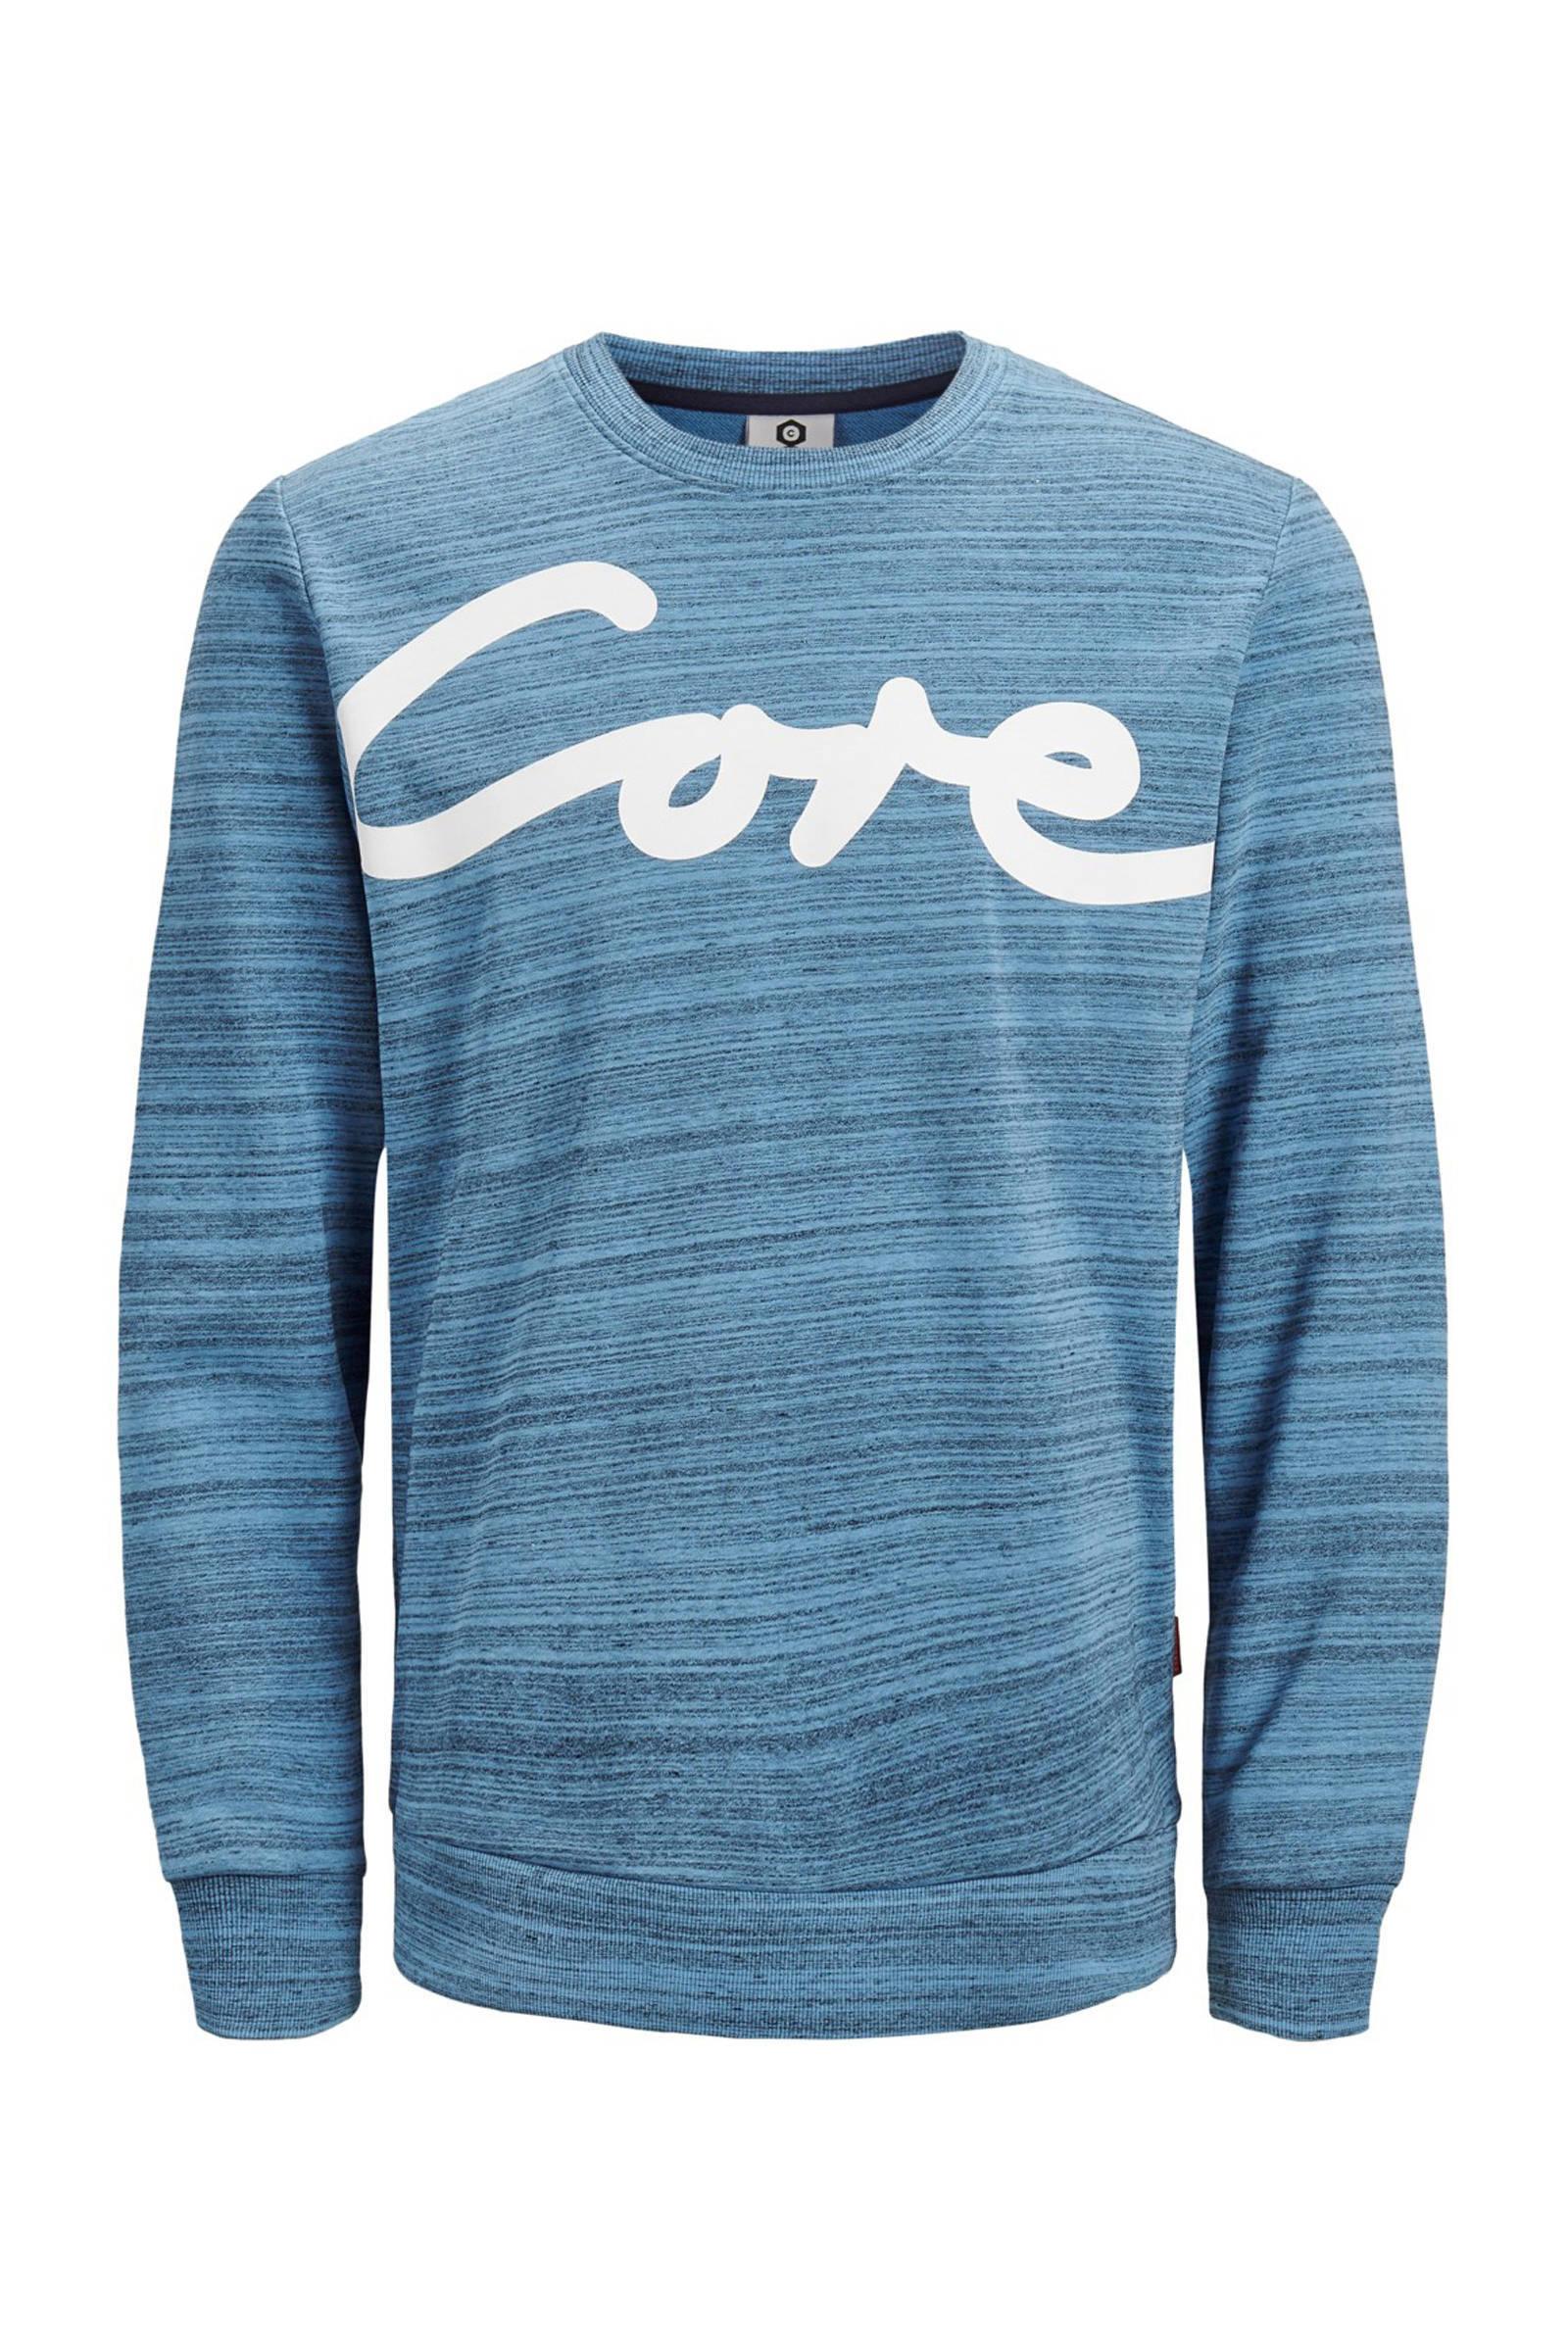 met sweater Jack Core Jones printopdruk qS4gtv4